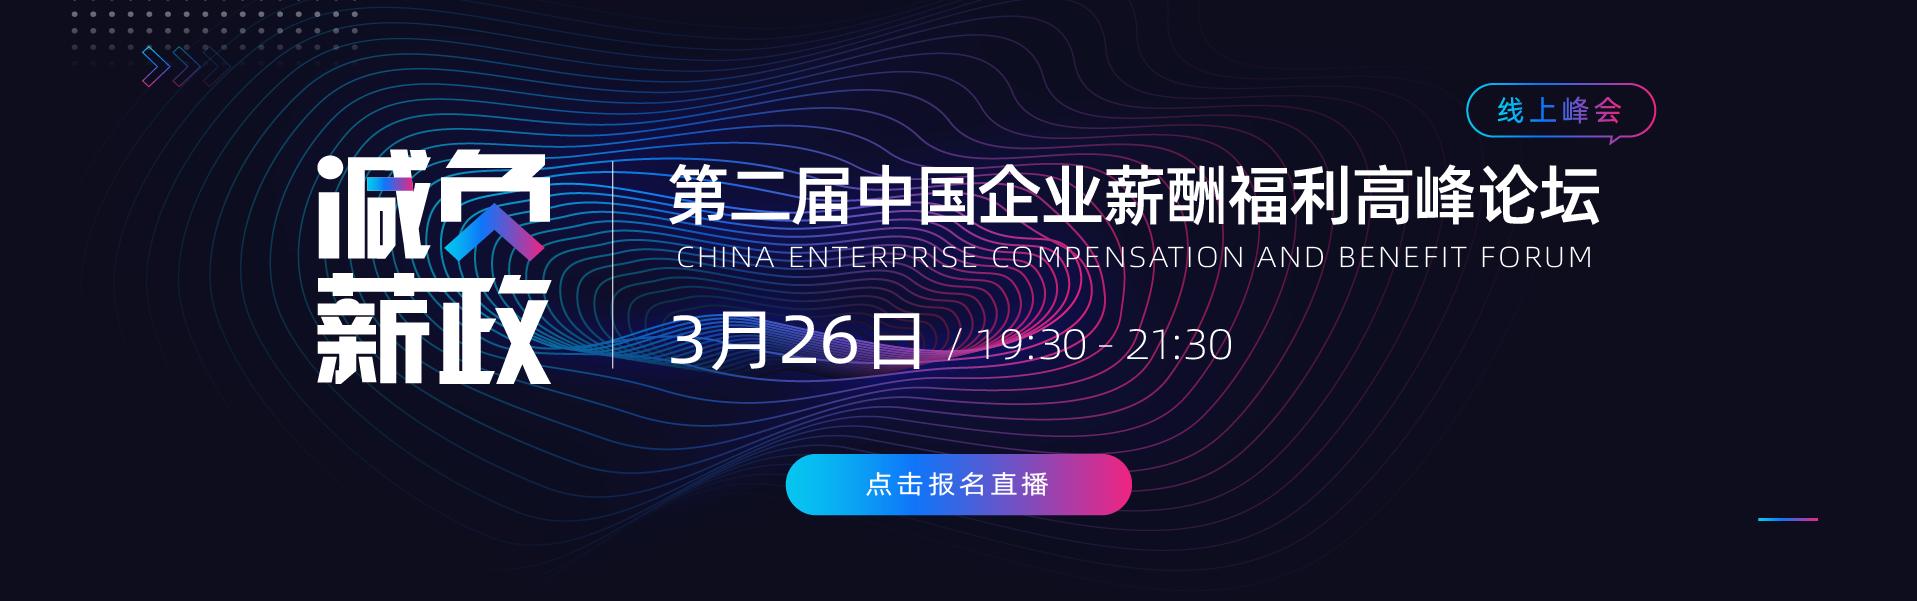 【活动预告】减负薪政 | 中国企业薪酬福利线上峰会 - 直播活动,3月26日 19:30 准时开启